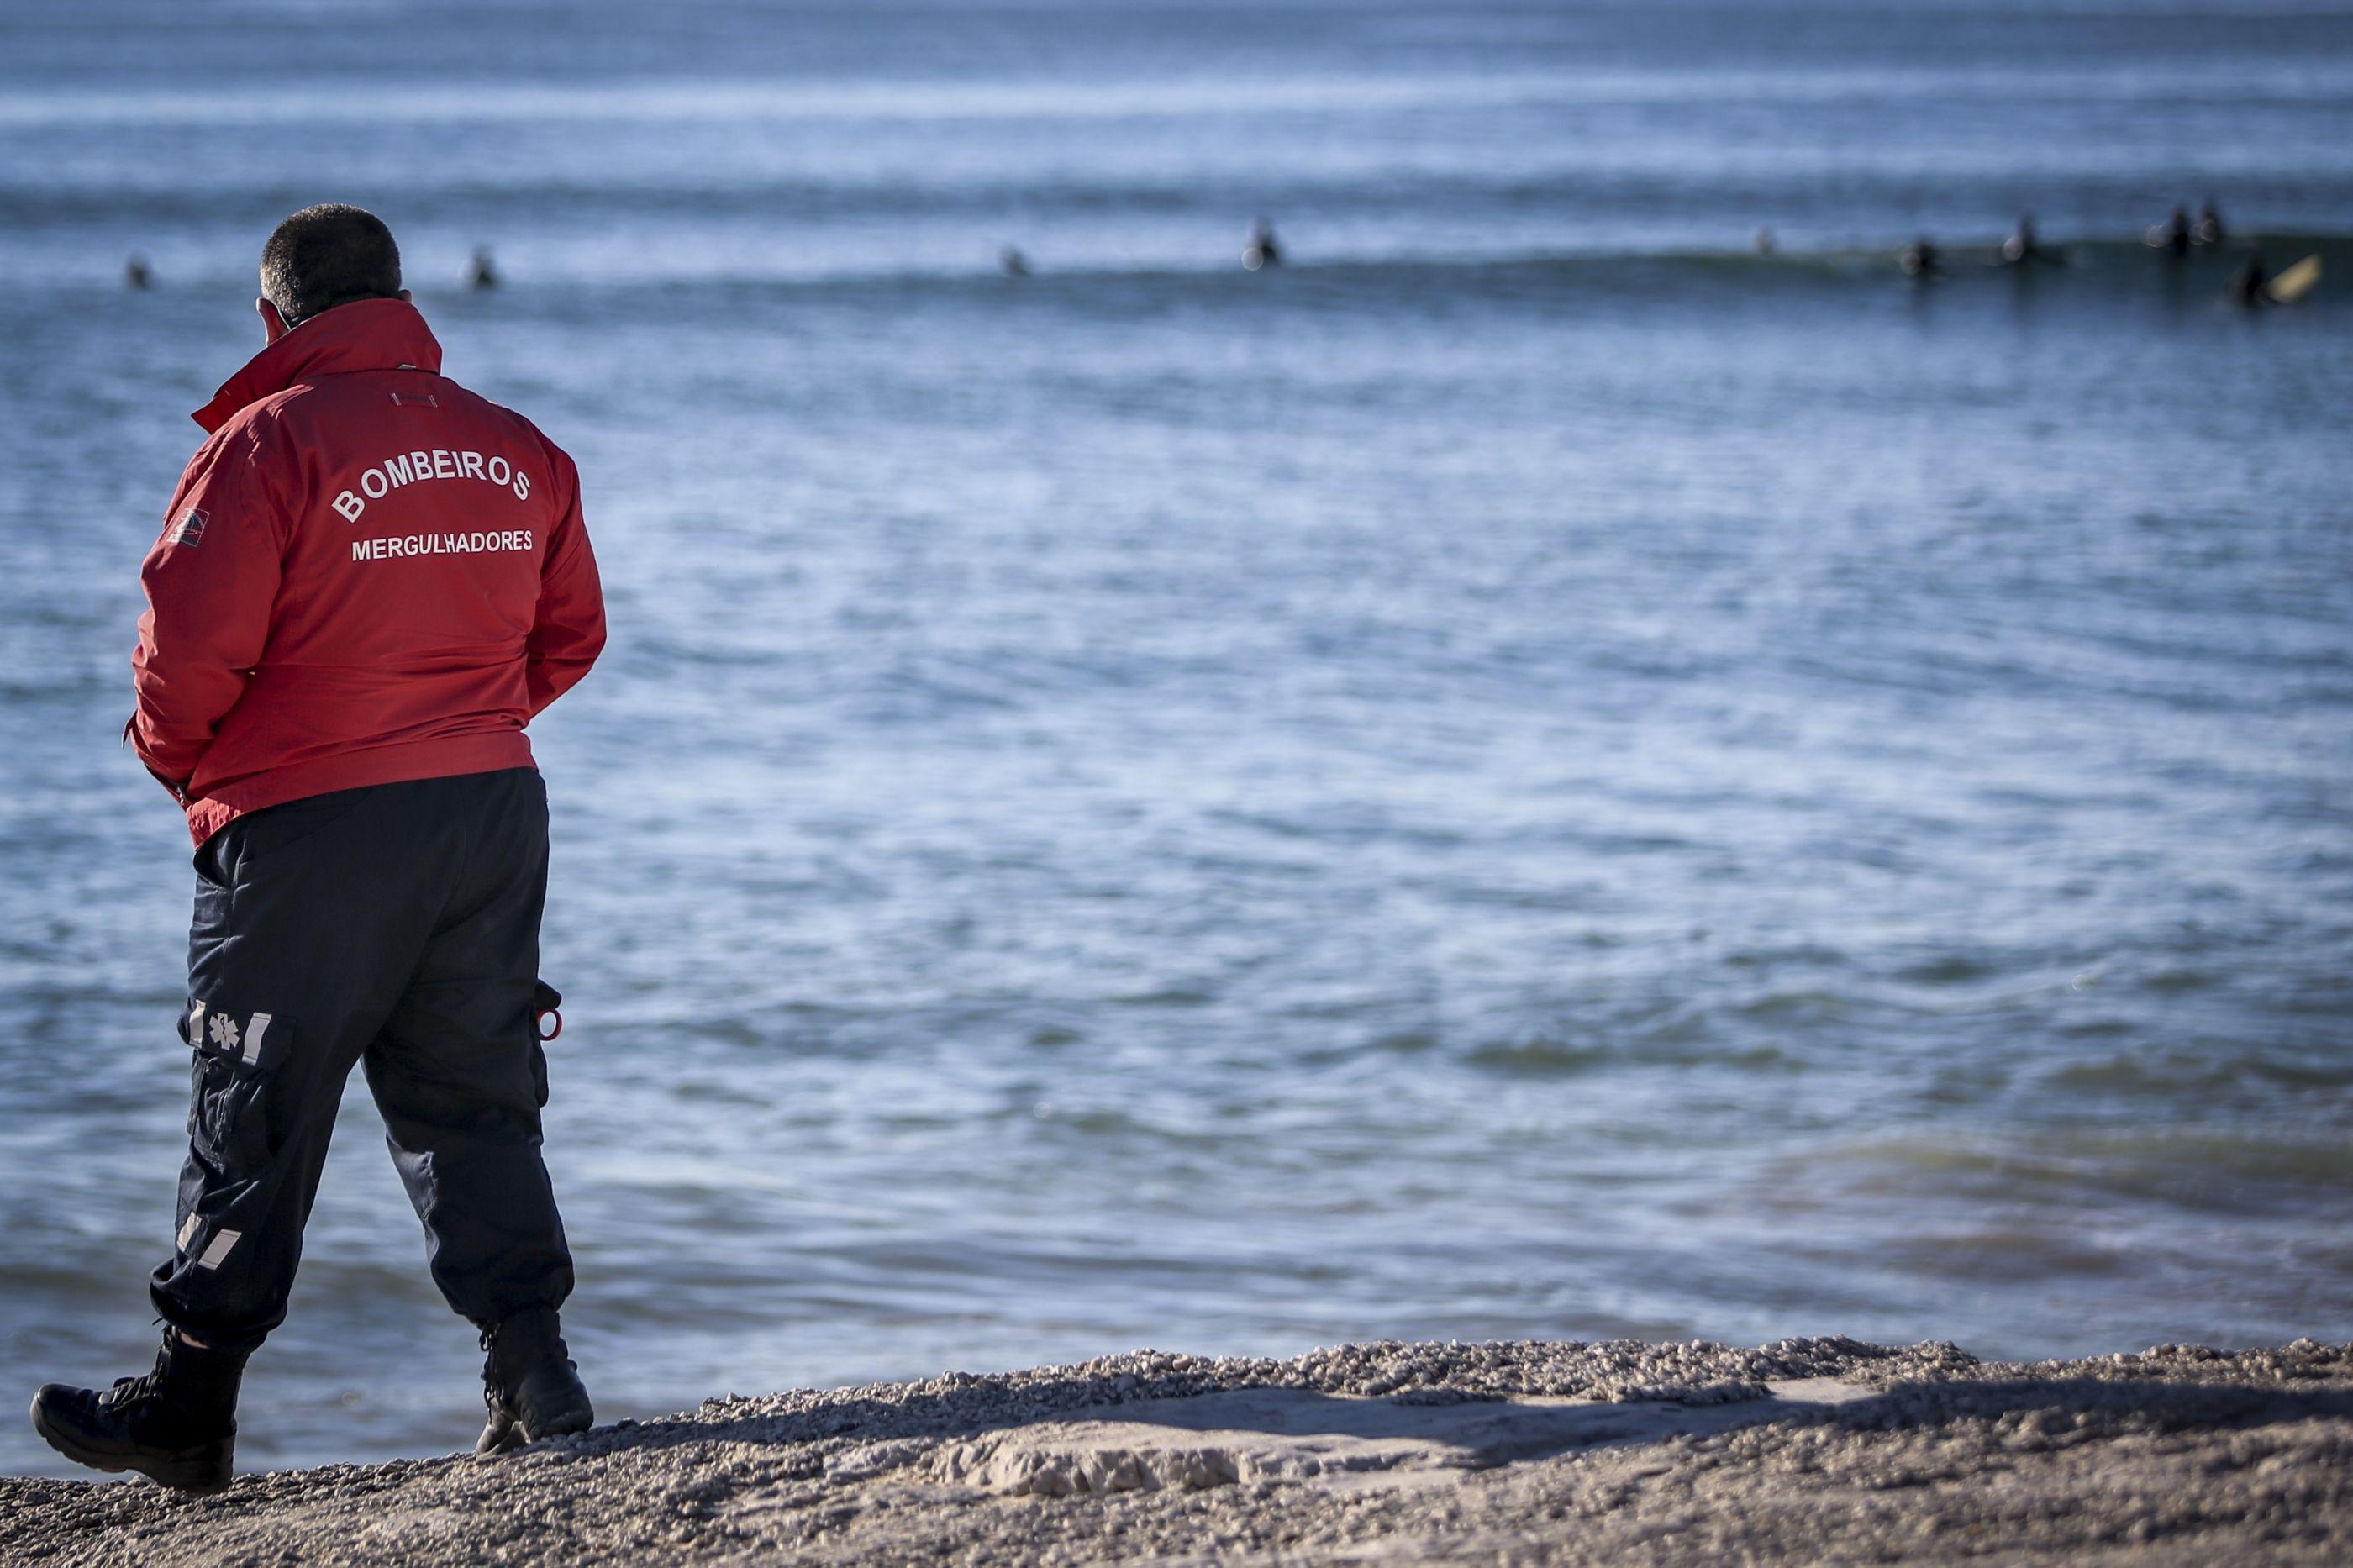 """Bombeiro critica surfista (não) desaparecido. """"Deixei um familiar doente"""""""